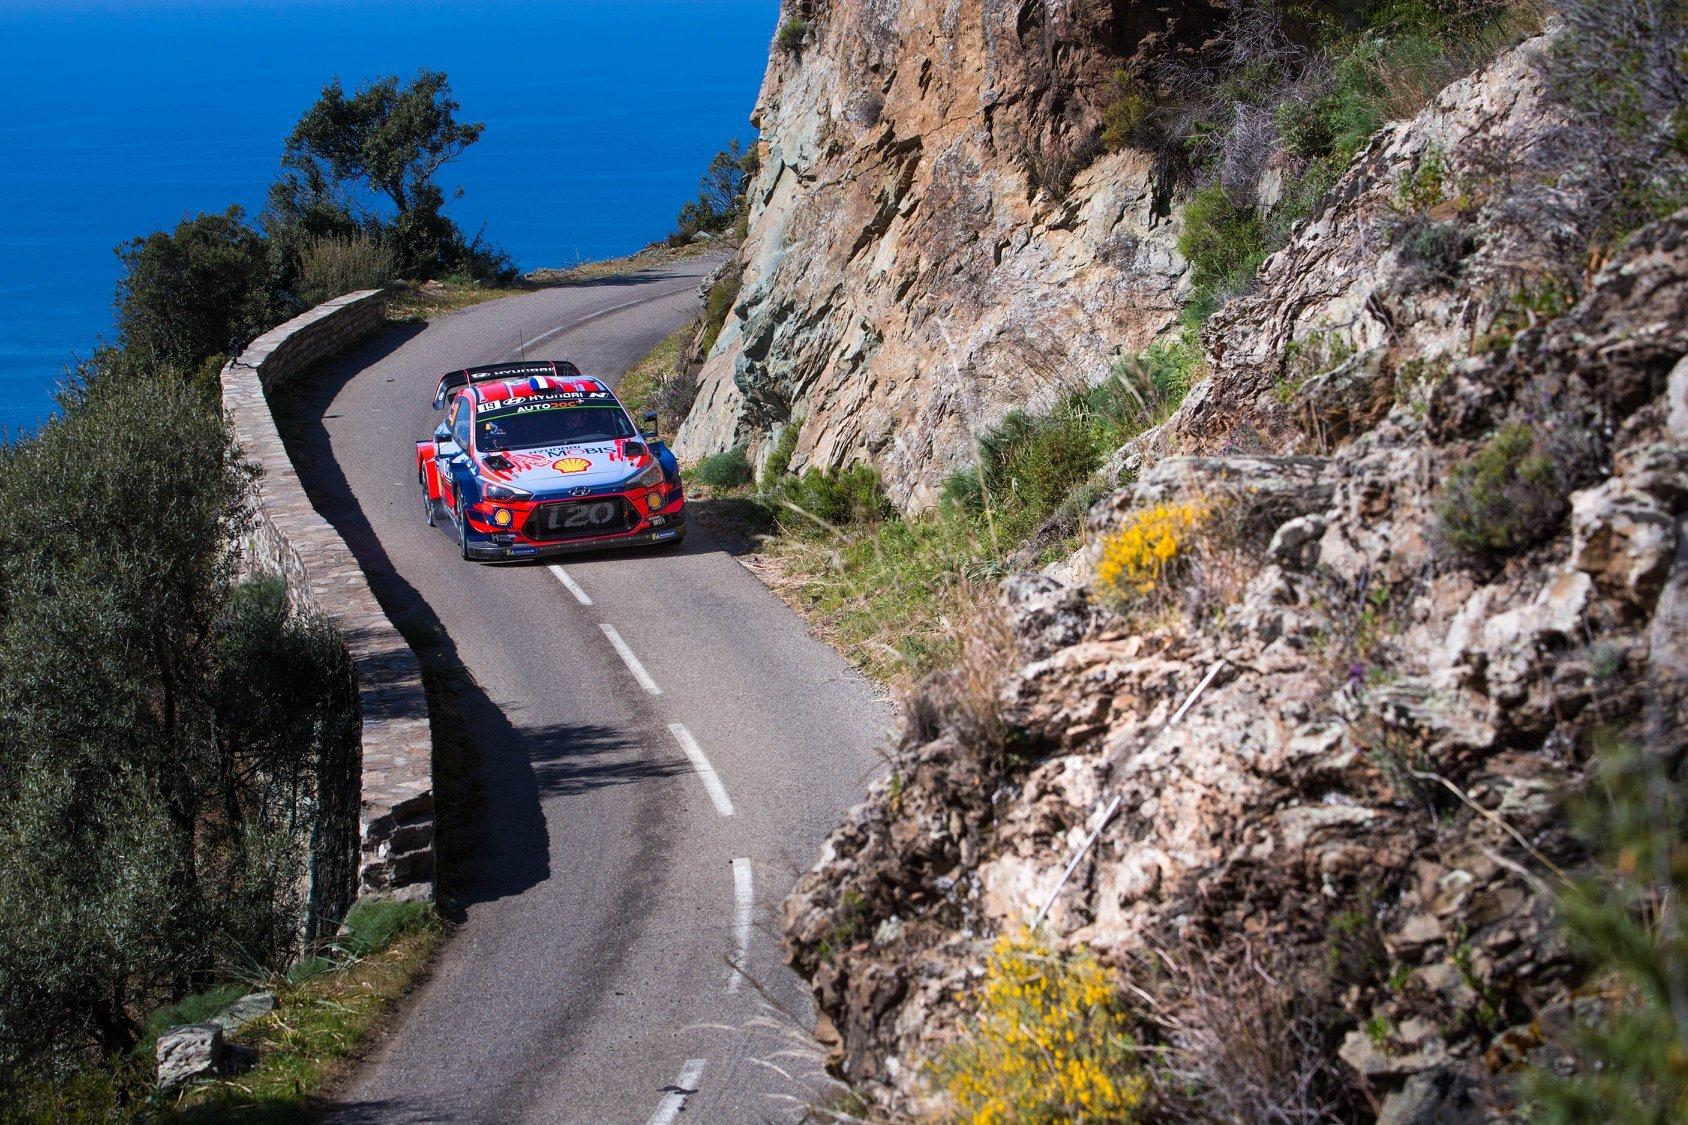 Πανηγύρια για τη Hyundai Motorsport στο Ράλι Κορσικής του WRC 2019